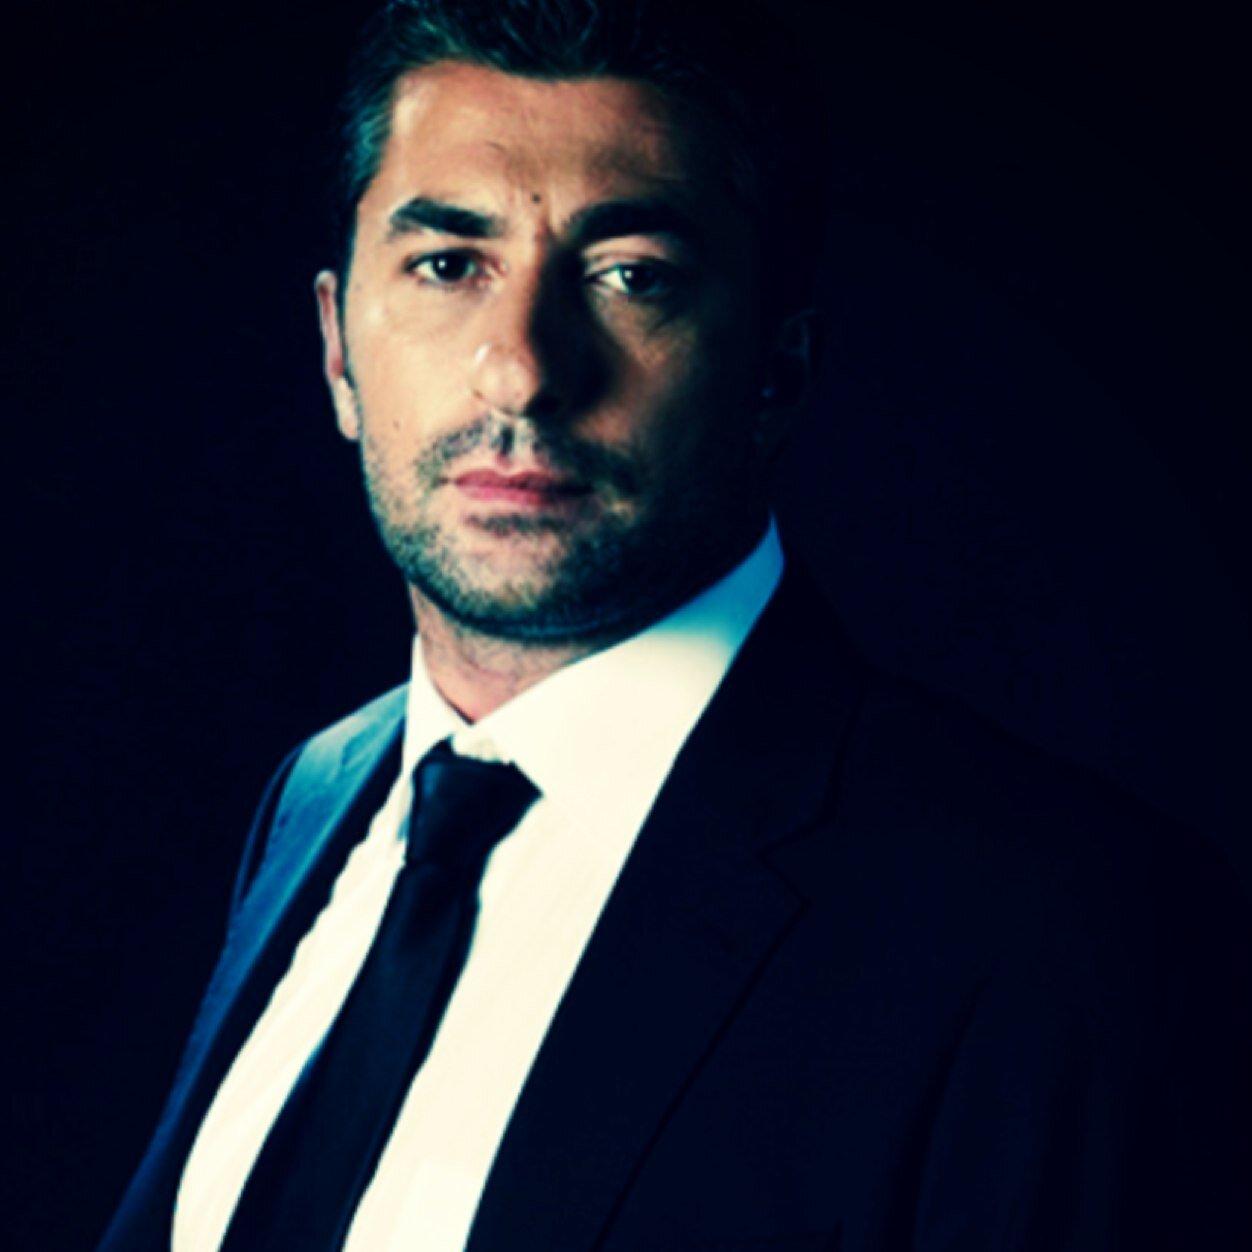 """Distractie pe cinste pe platourile de filmare ale serialului """"Furtuna pe Bosfor"""". Uite ce fac actorii Erkan Pettekaya( Cihan ) si Civan Canova ( Rhami ) cand sunt in pauzele dintre filmari!"""